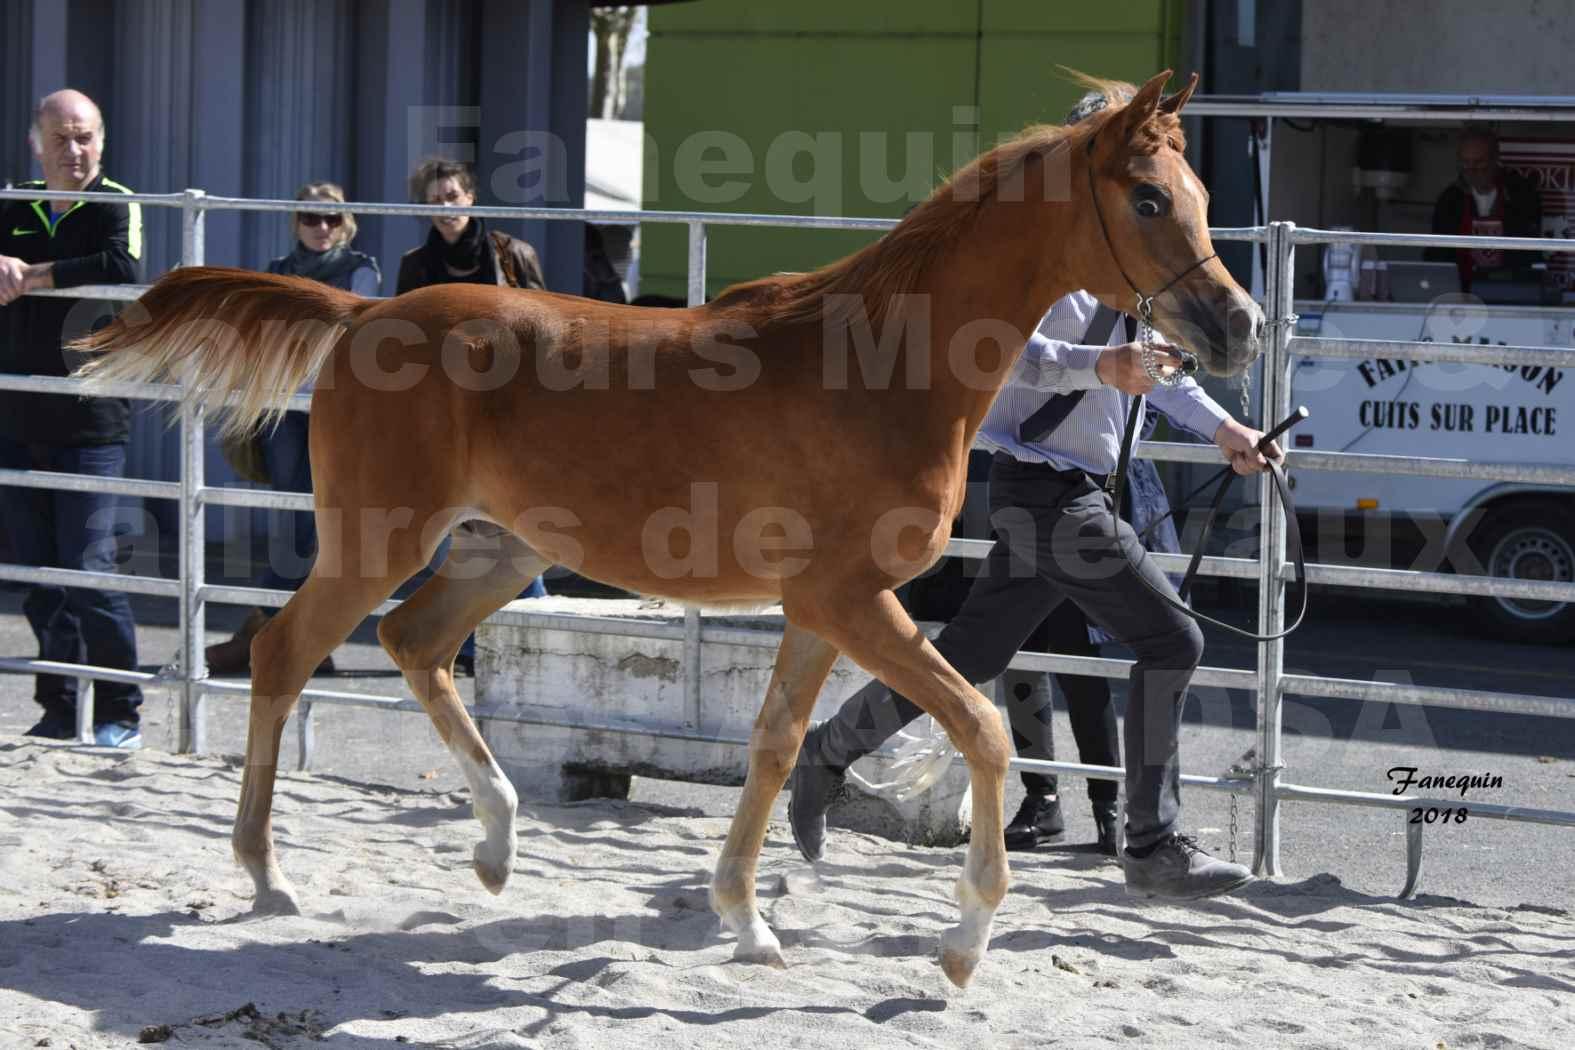 Concours d'élevage de Chevaux Arabes - D S A - A A - ALBI les 6 & 7 Avril 2018 - MARCUS DE LAFON - Notre Sélection - 2